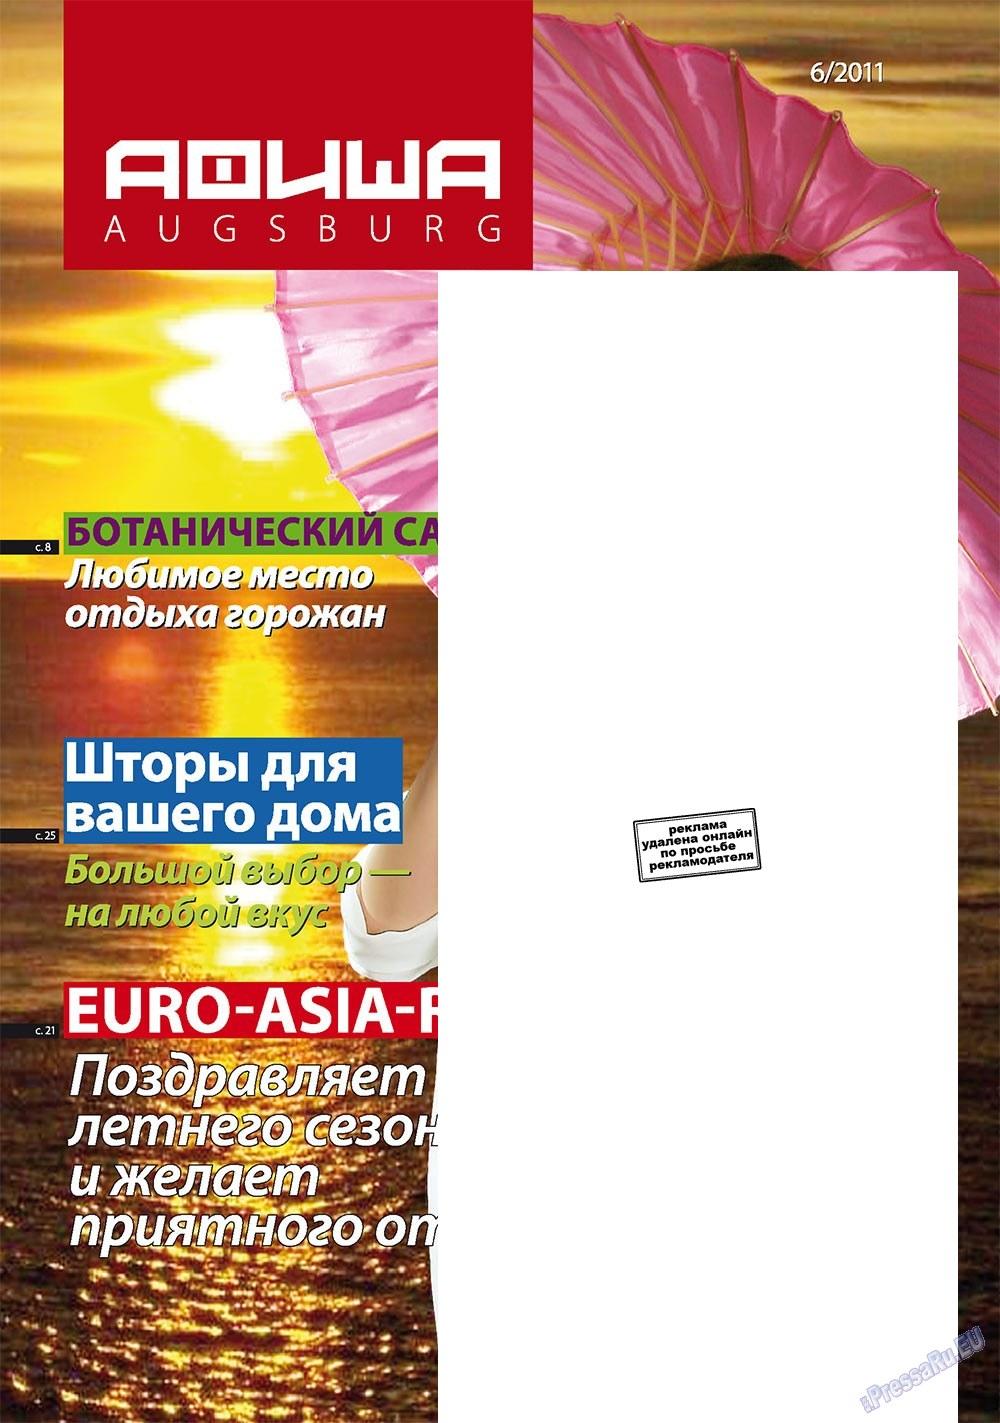 Афиша Augsburg (журнал). 2011 год, номер 6, стр. 1